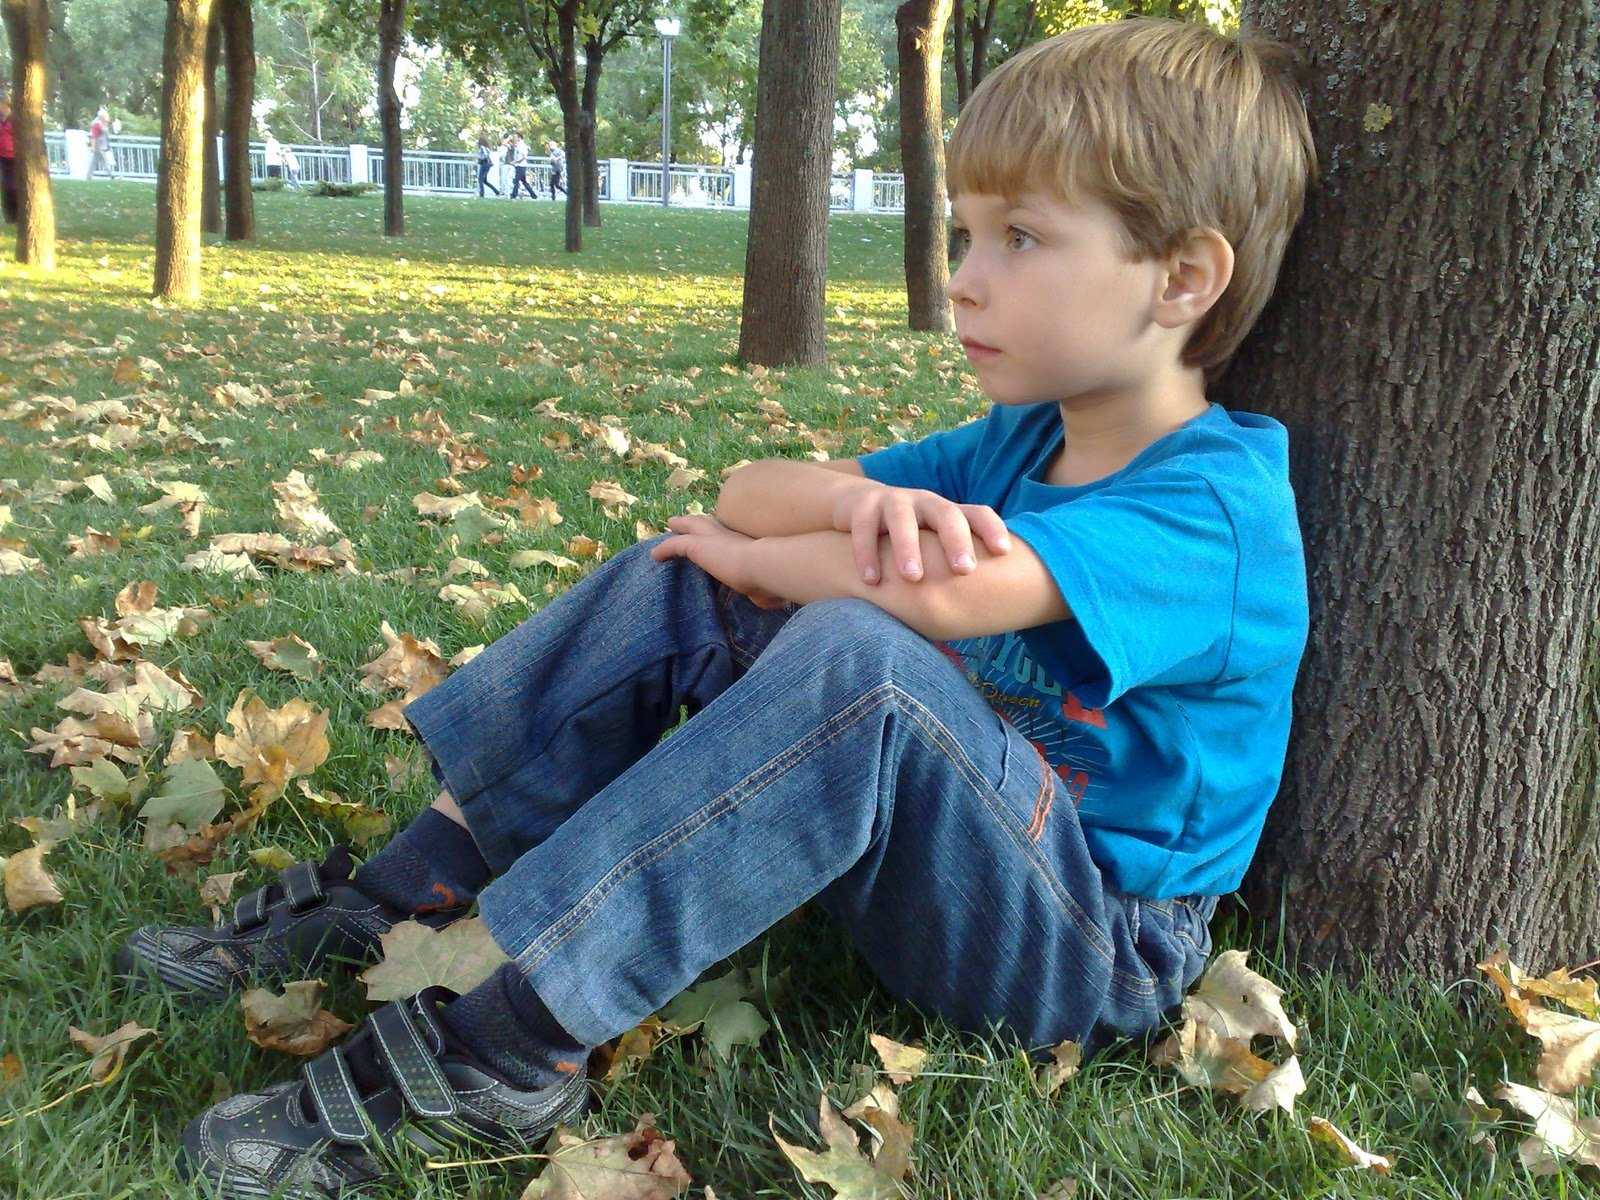 Что делать родителям, если ребенок не вернулся домой?